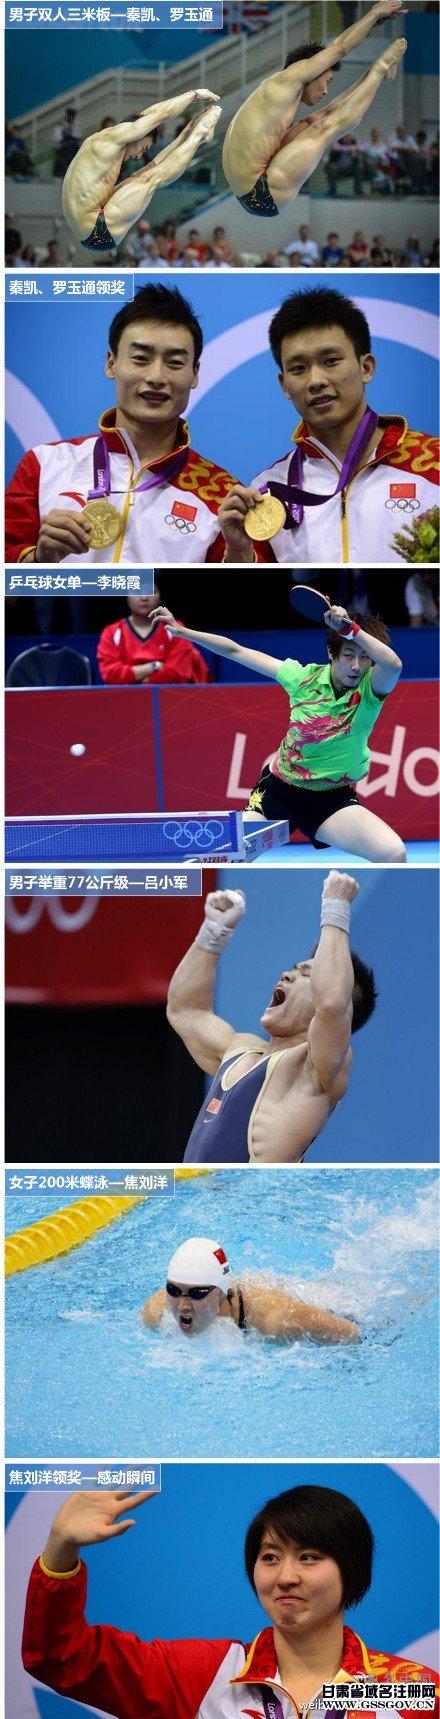 奥运冠军域名抢注